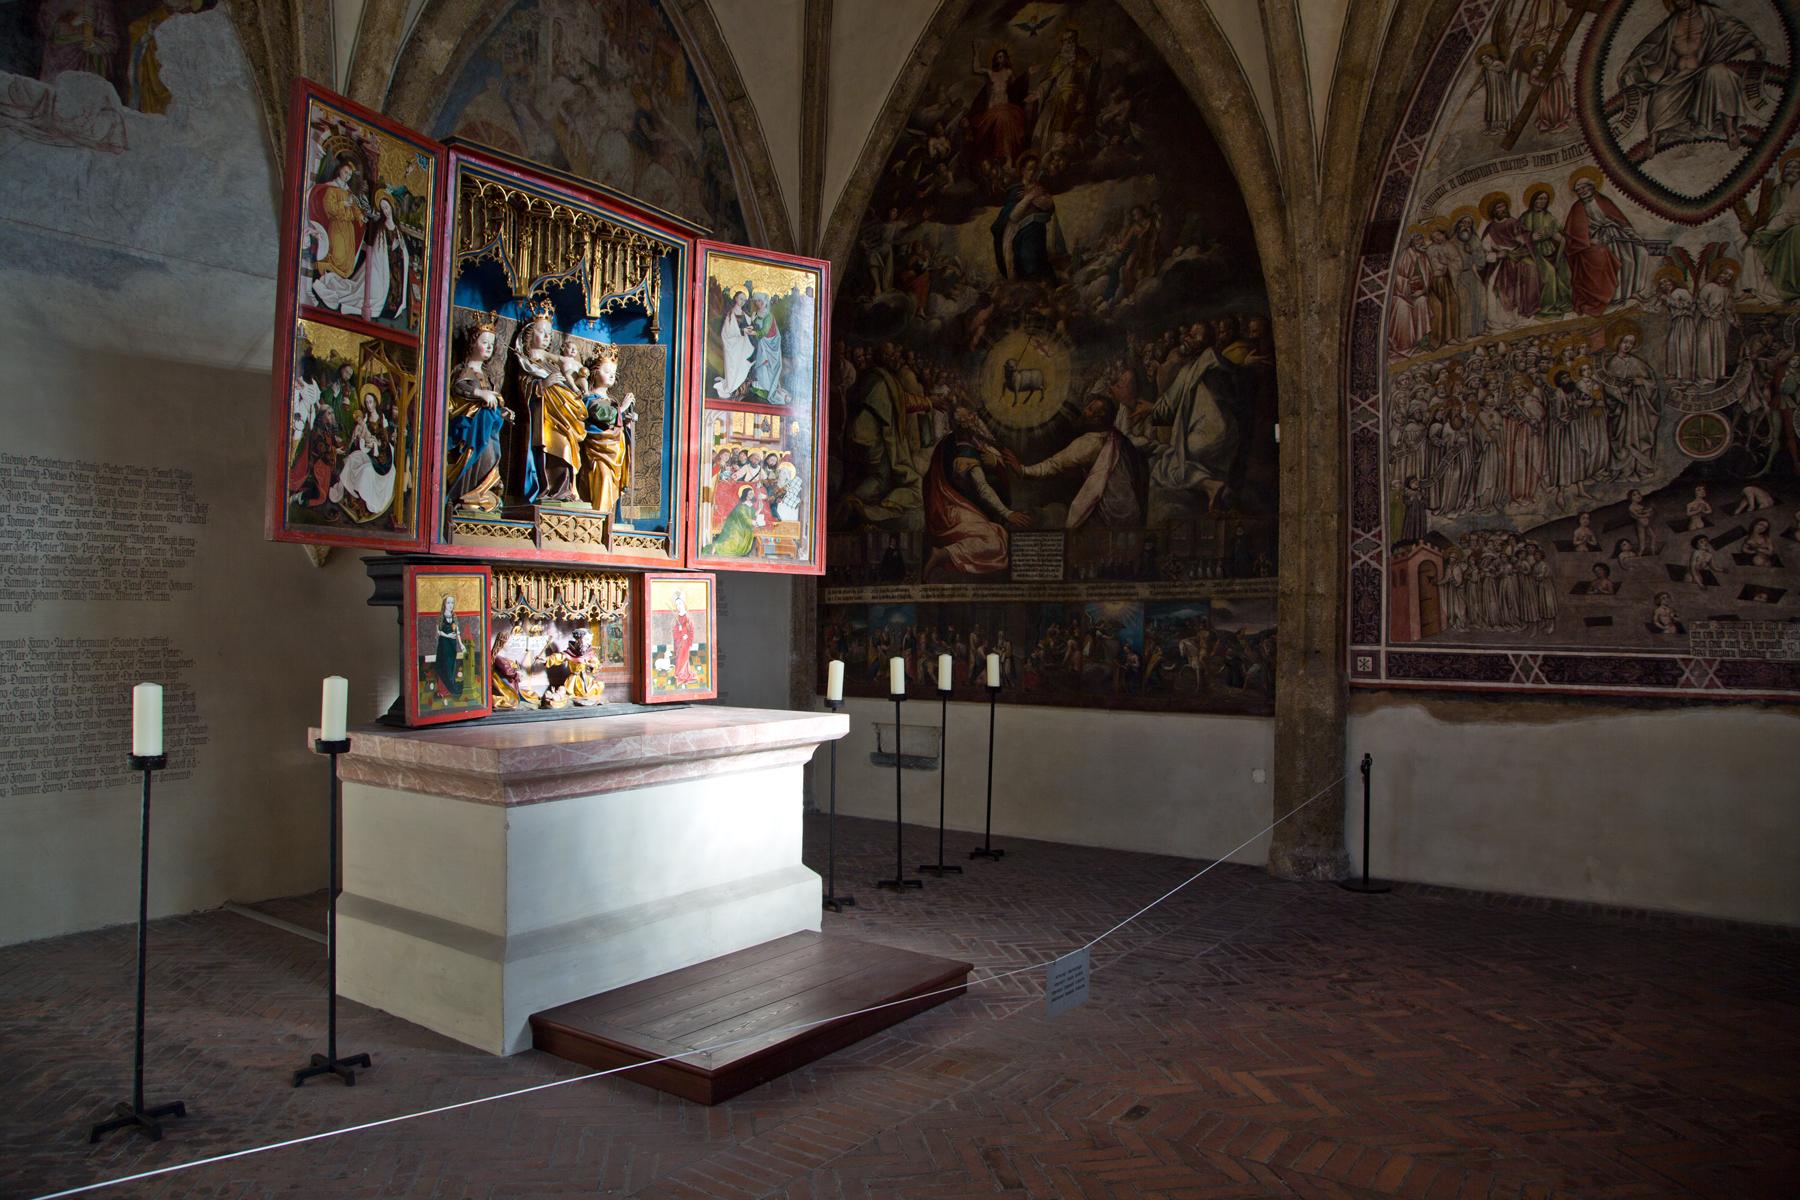 St. Magalenenkappelle - Hall in Tirol